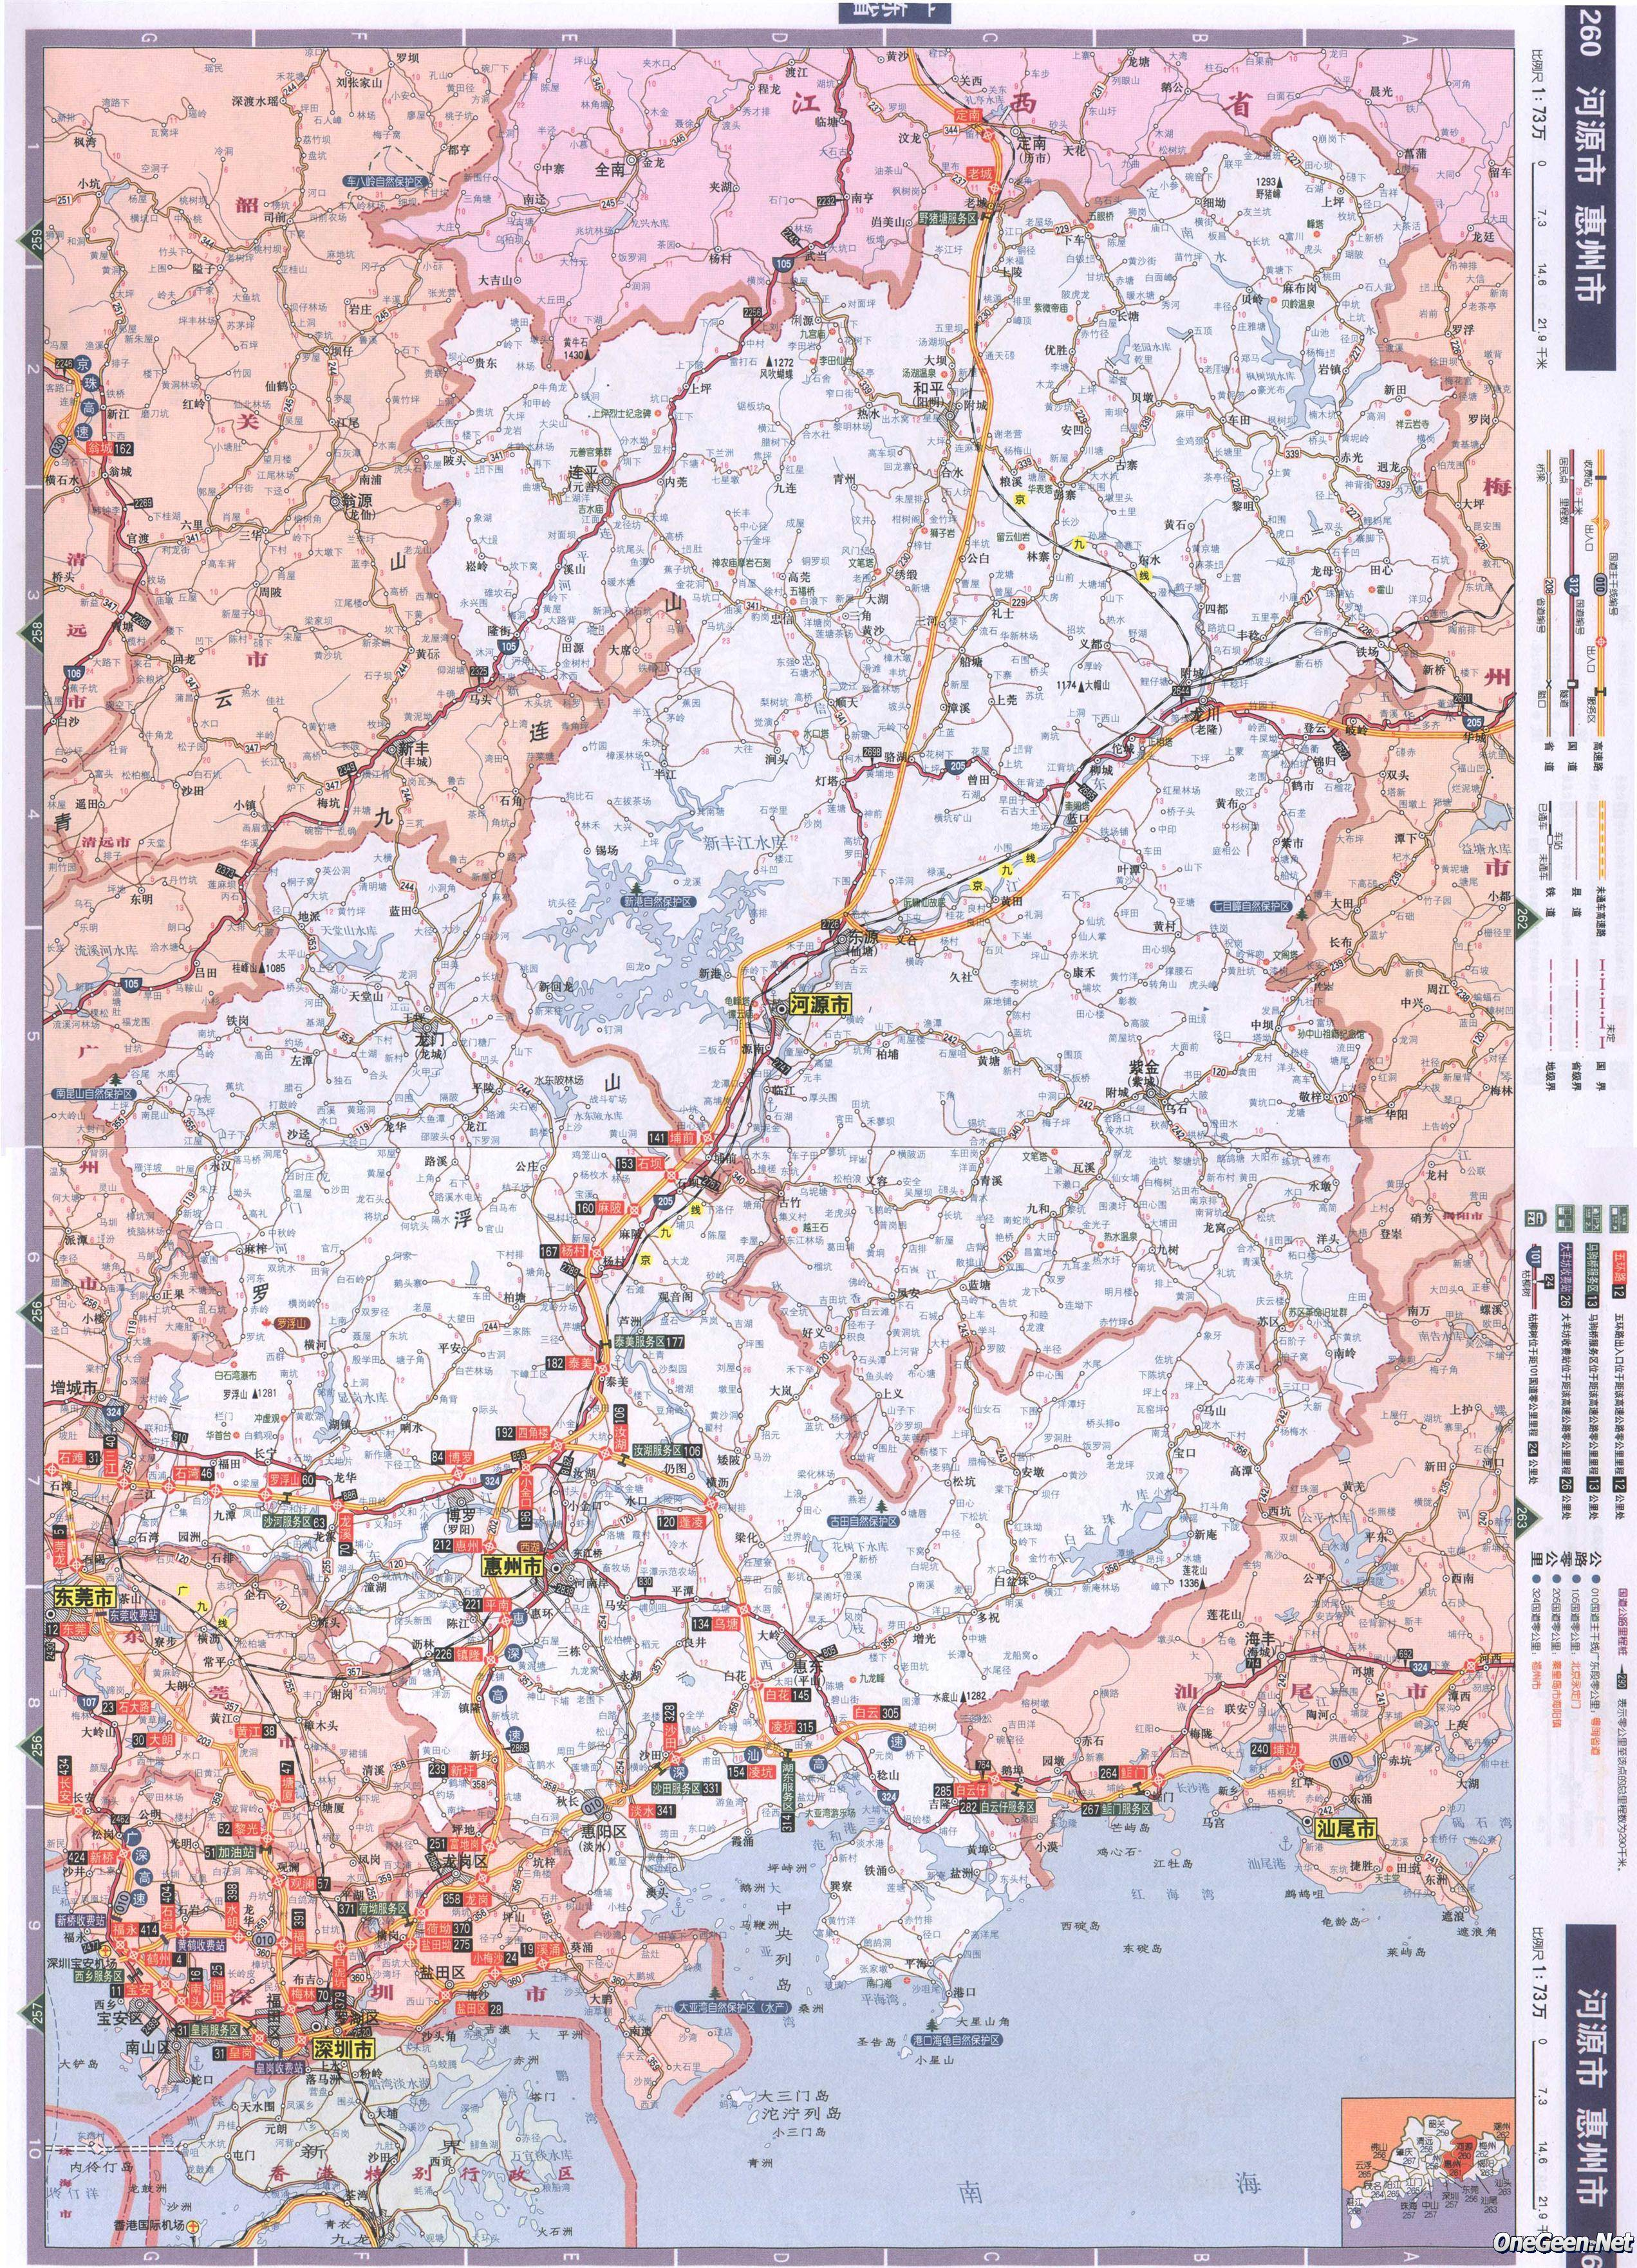 广东省 高速公路 河源 惠州 地图/广东省河源惠州公路交通地图